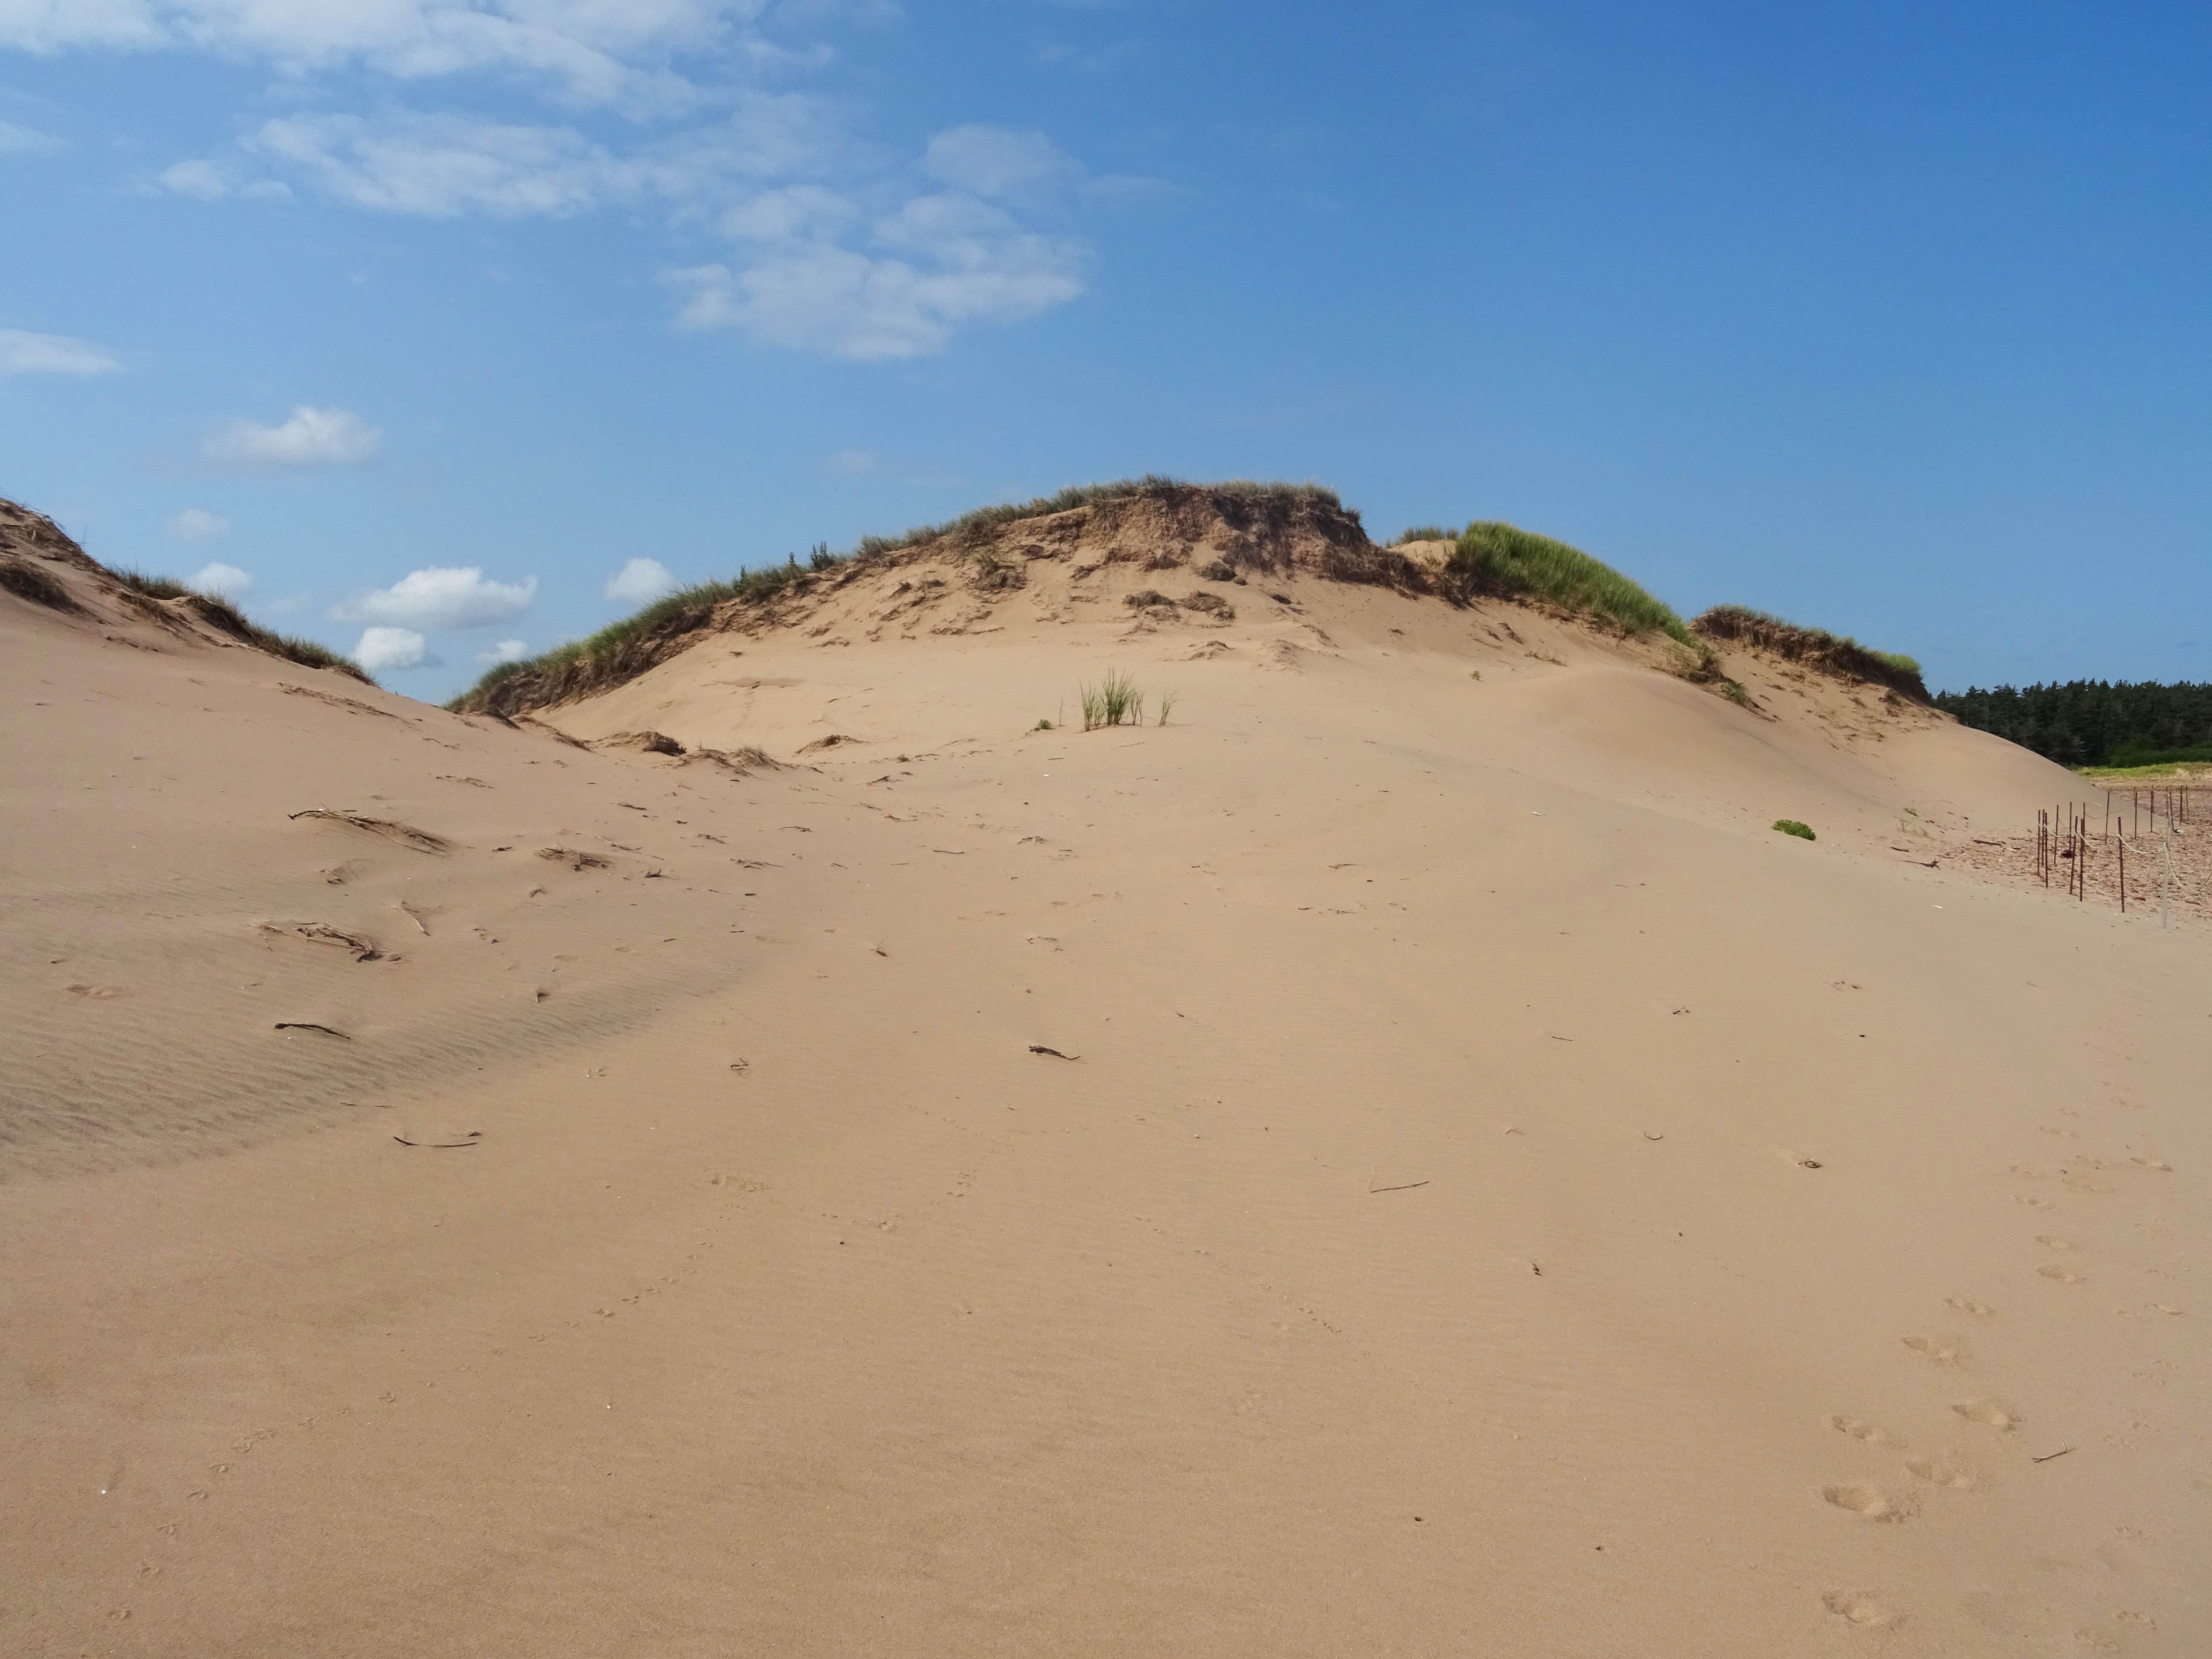 Cavendish Dunes Ile du prince edouard plage canada